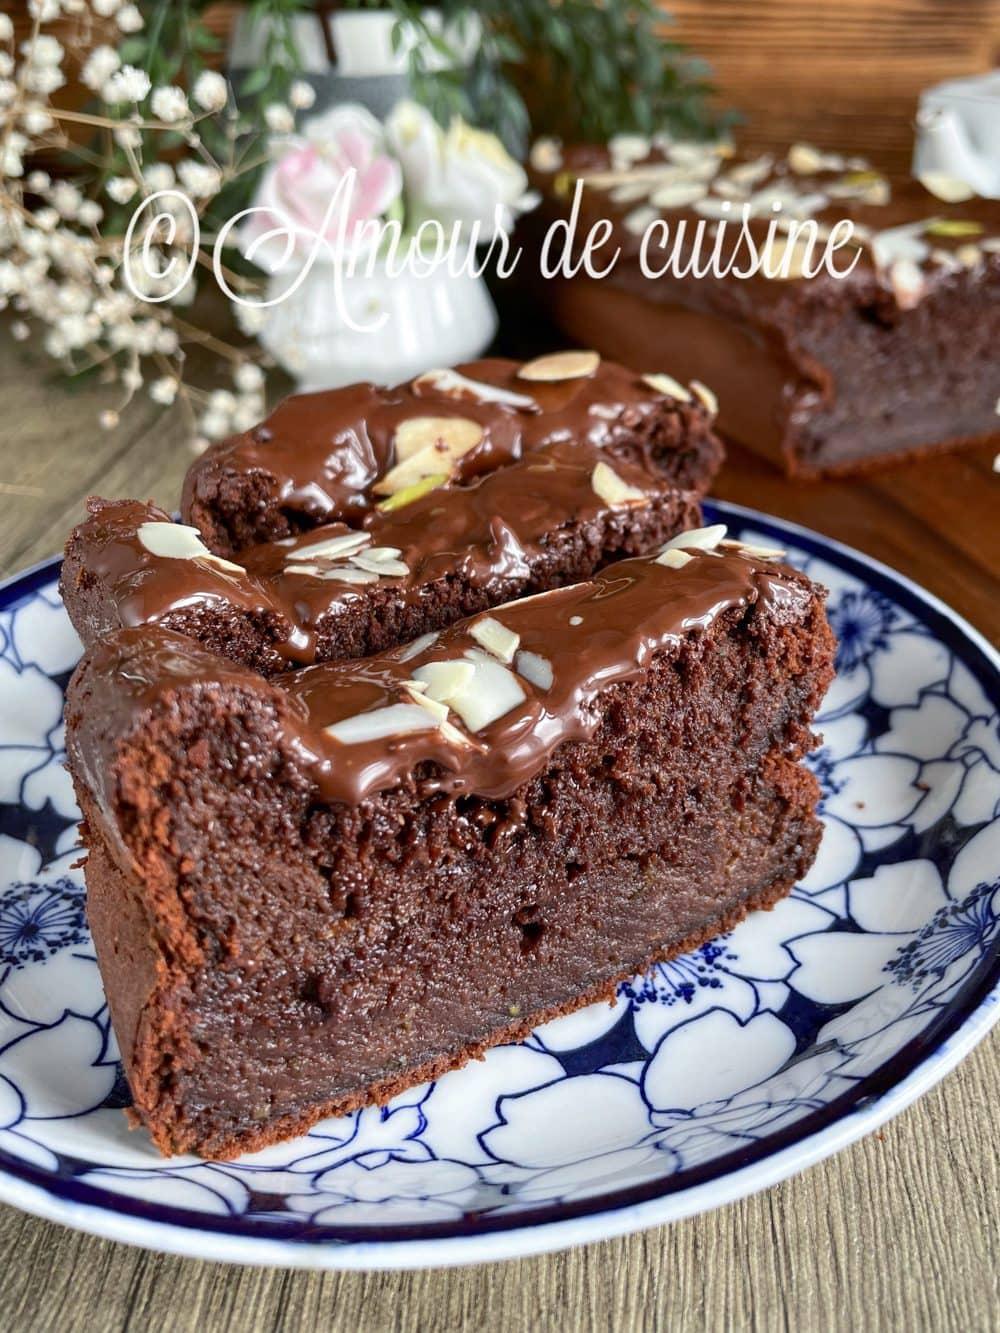 gateau moelleux au chocolat et courgette